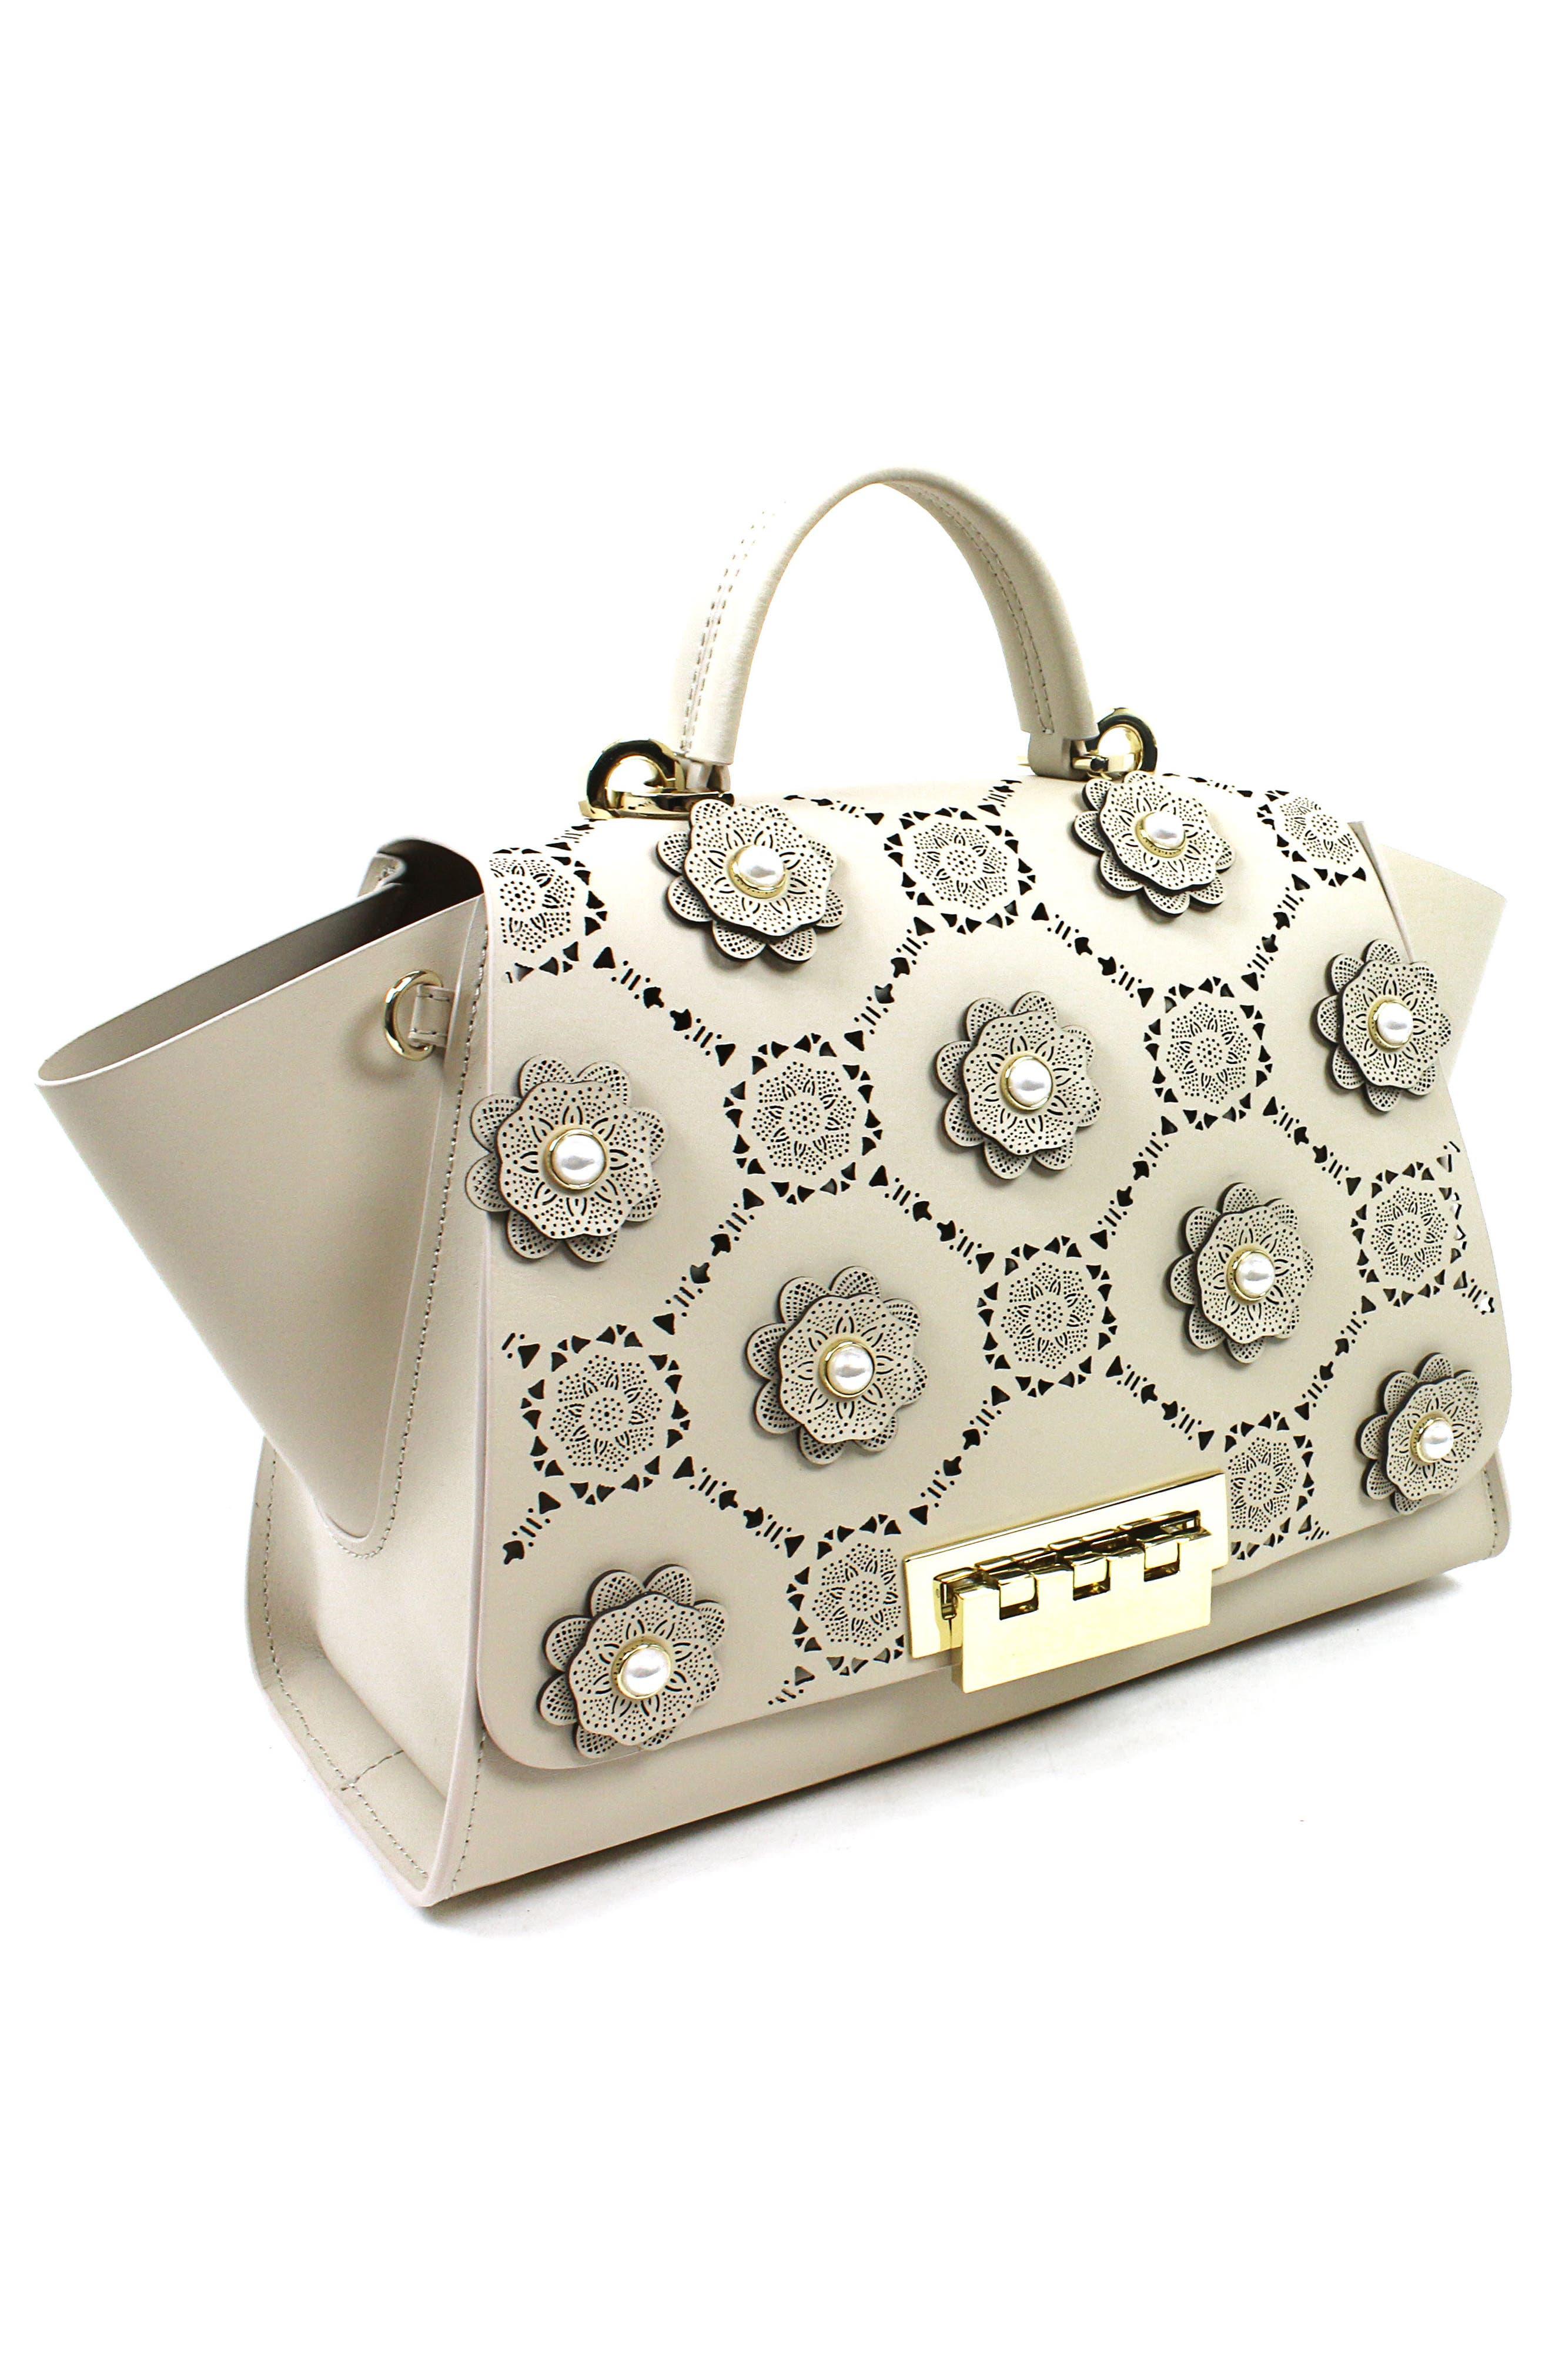 Eartha Iconic Soft Top Handle Handbag,                             Alternate thumbnail 3, color,                             250